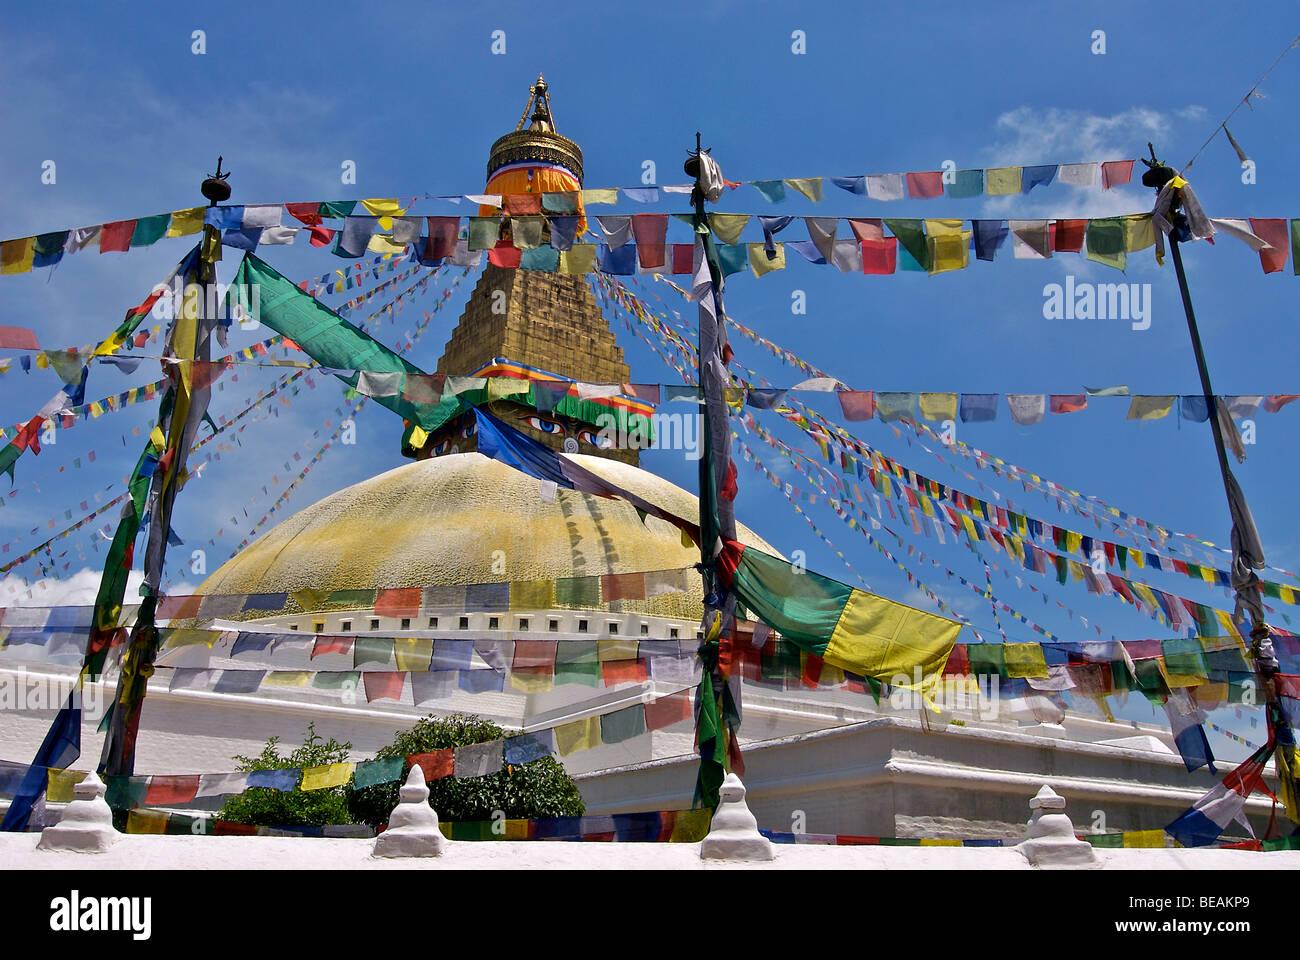 Bodhnath Stupa and prayerflags, Kathmandu, Nepal - Stock Image